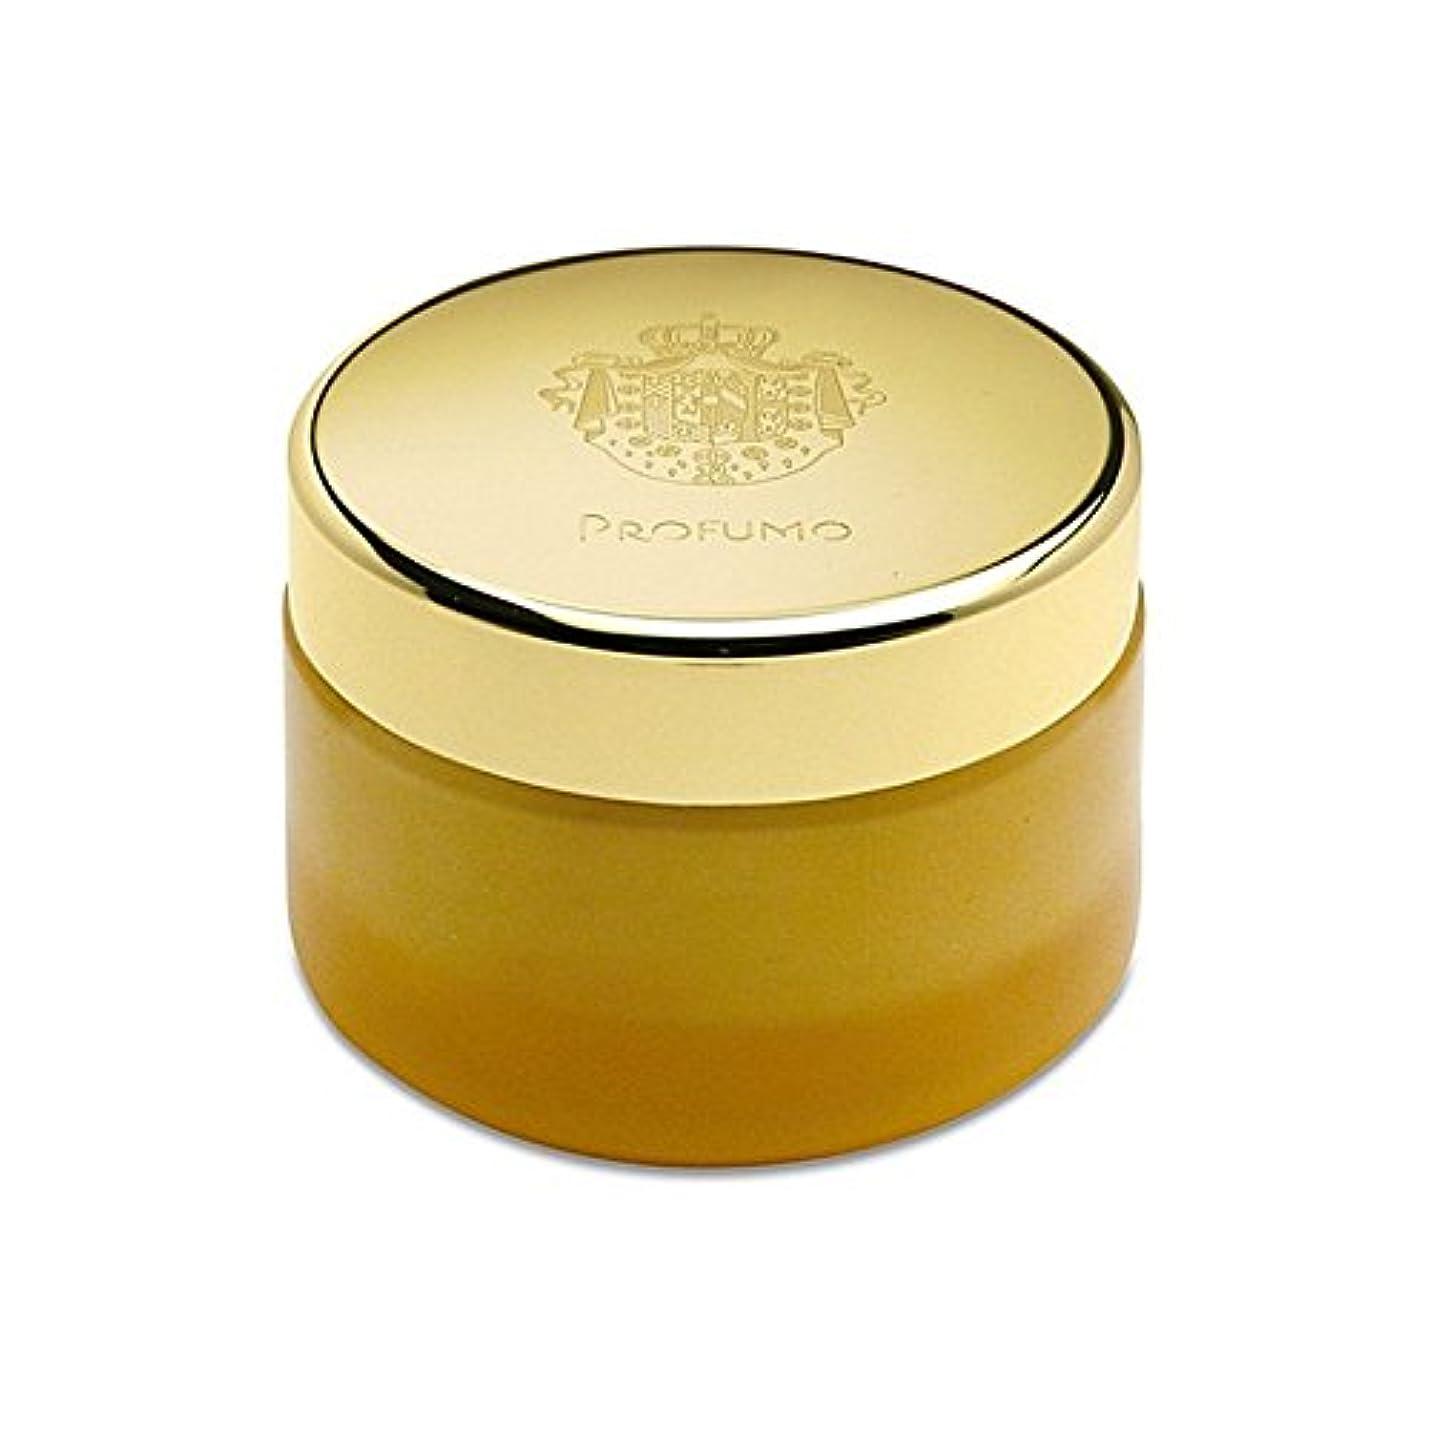 認識したいAcqua Di Parma Profumo Body Cream 200ml (Pack of 6) - アクアディパルマボディクリーム200ミリリットル x6 [並行輸入品]